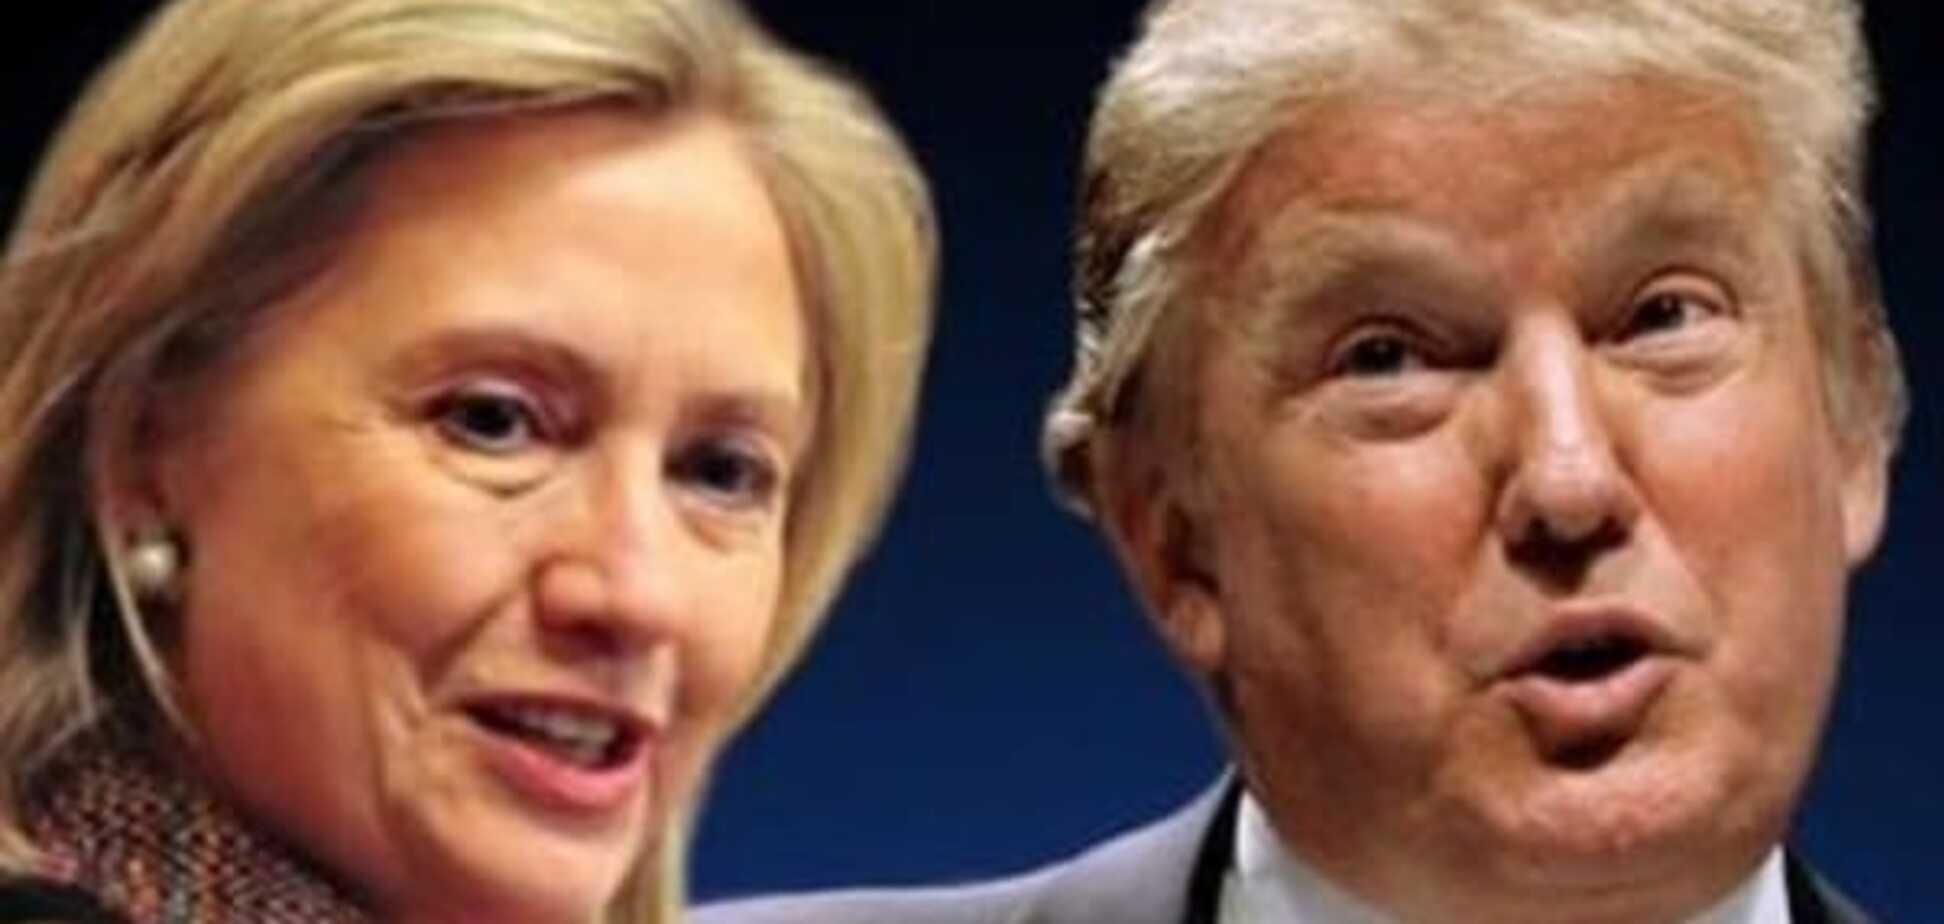 Ясно, что американские кандидаты связаны с Россией